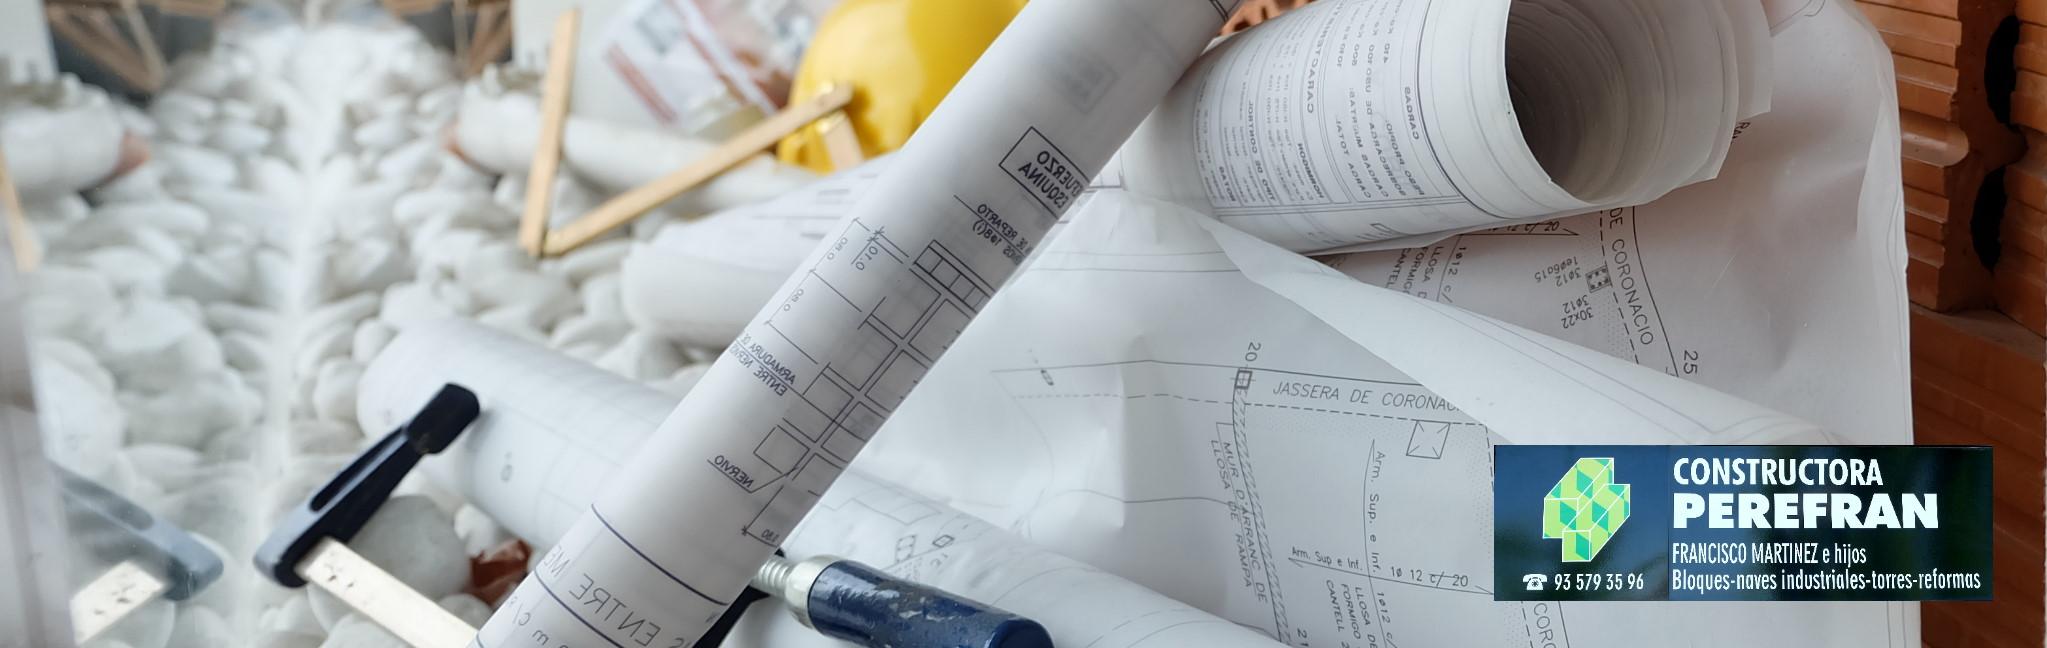 Constructora Perefran, nos encargamos de los permisos y licencias que precise.